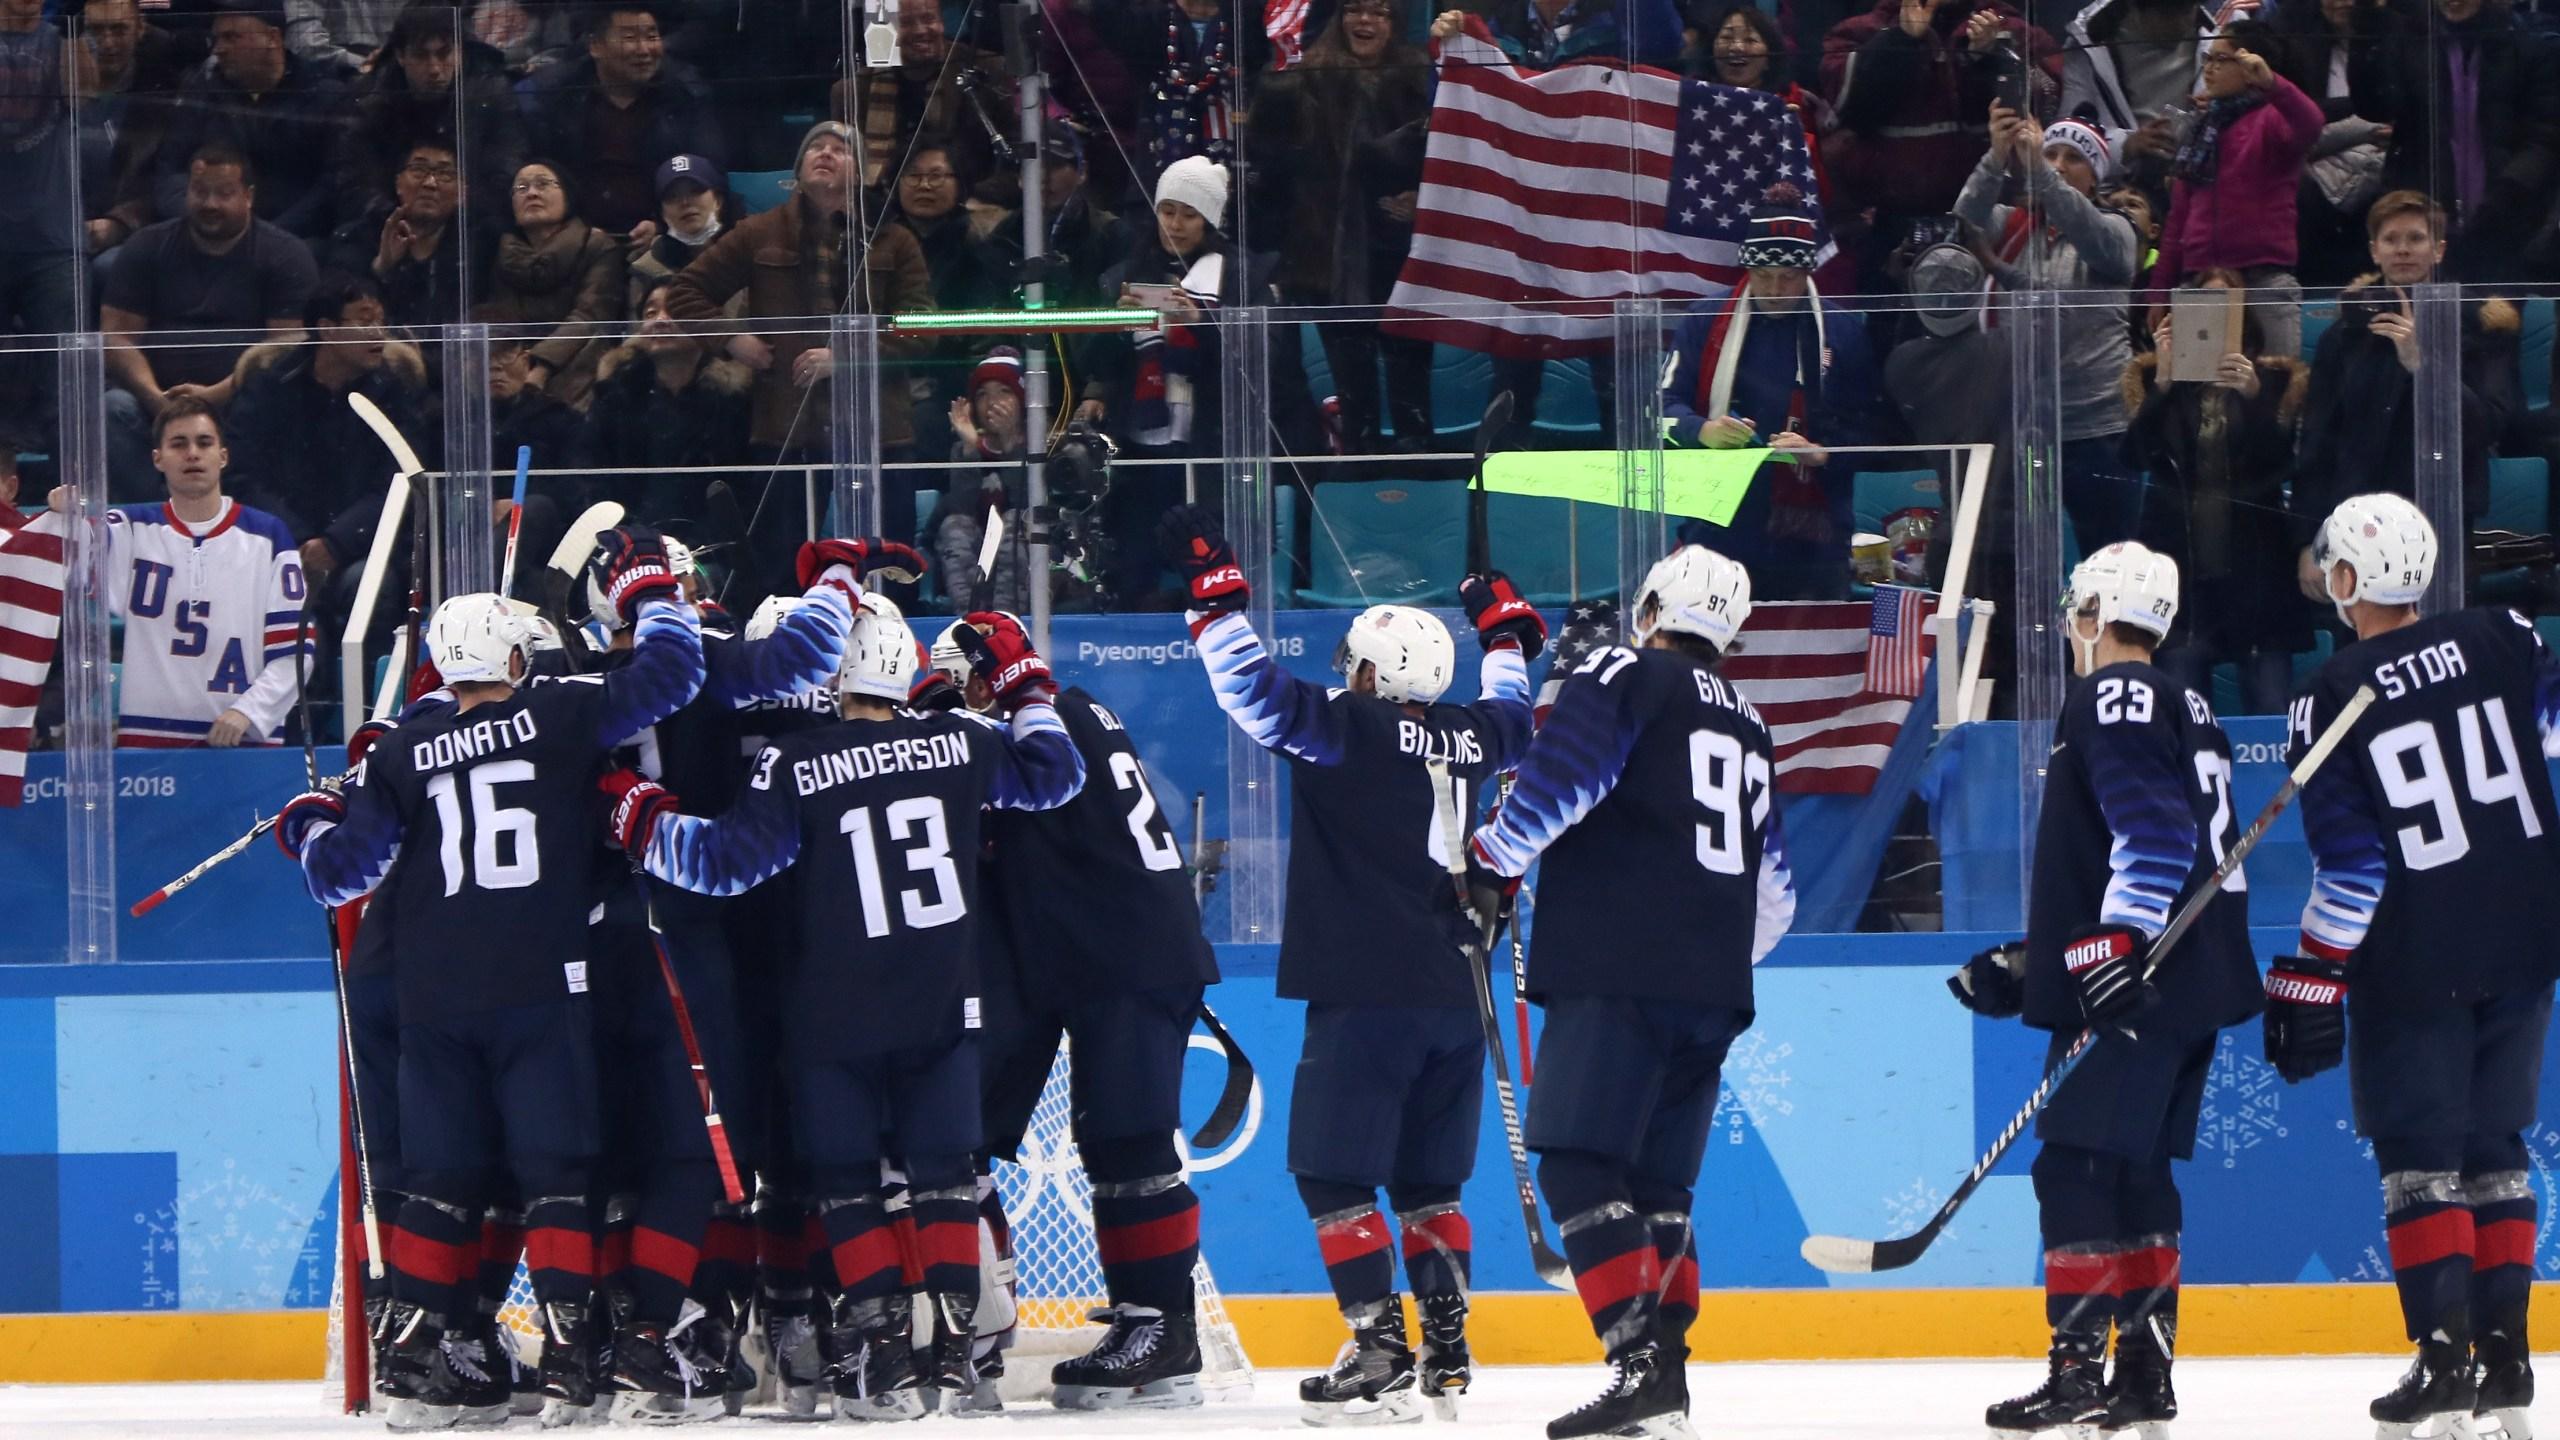 Ice Hockey - Winter Olympics Day 7_393086